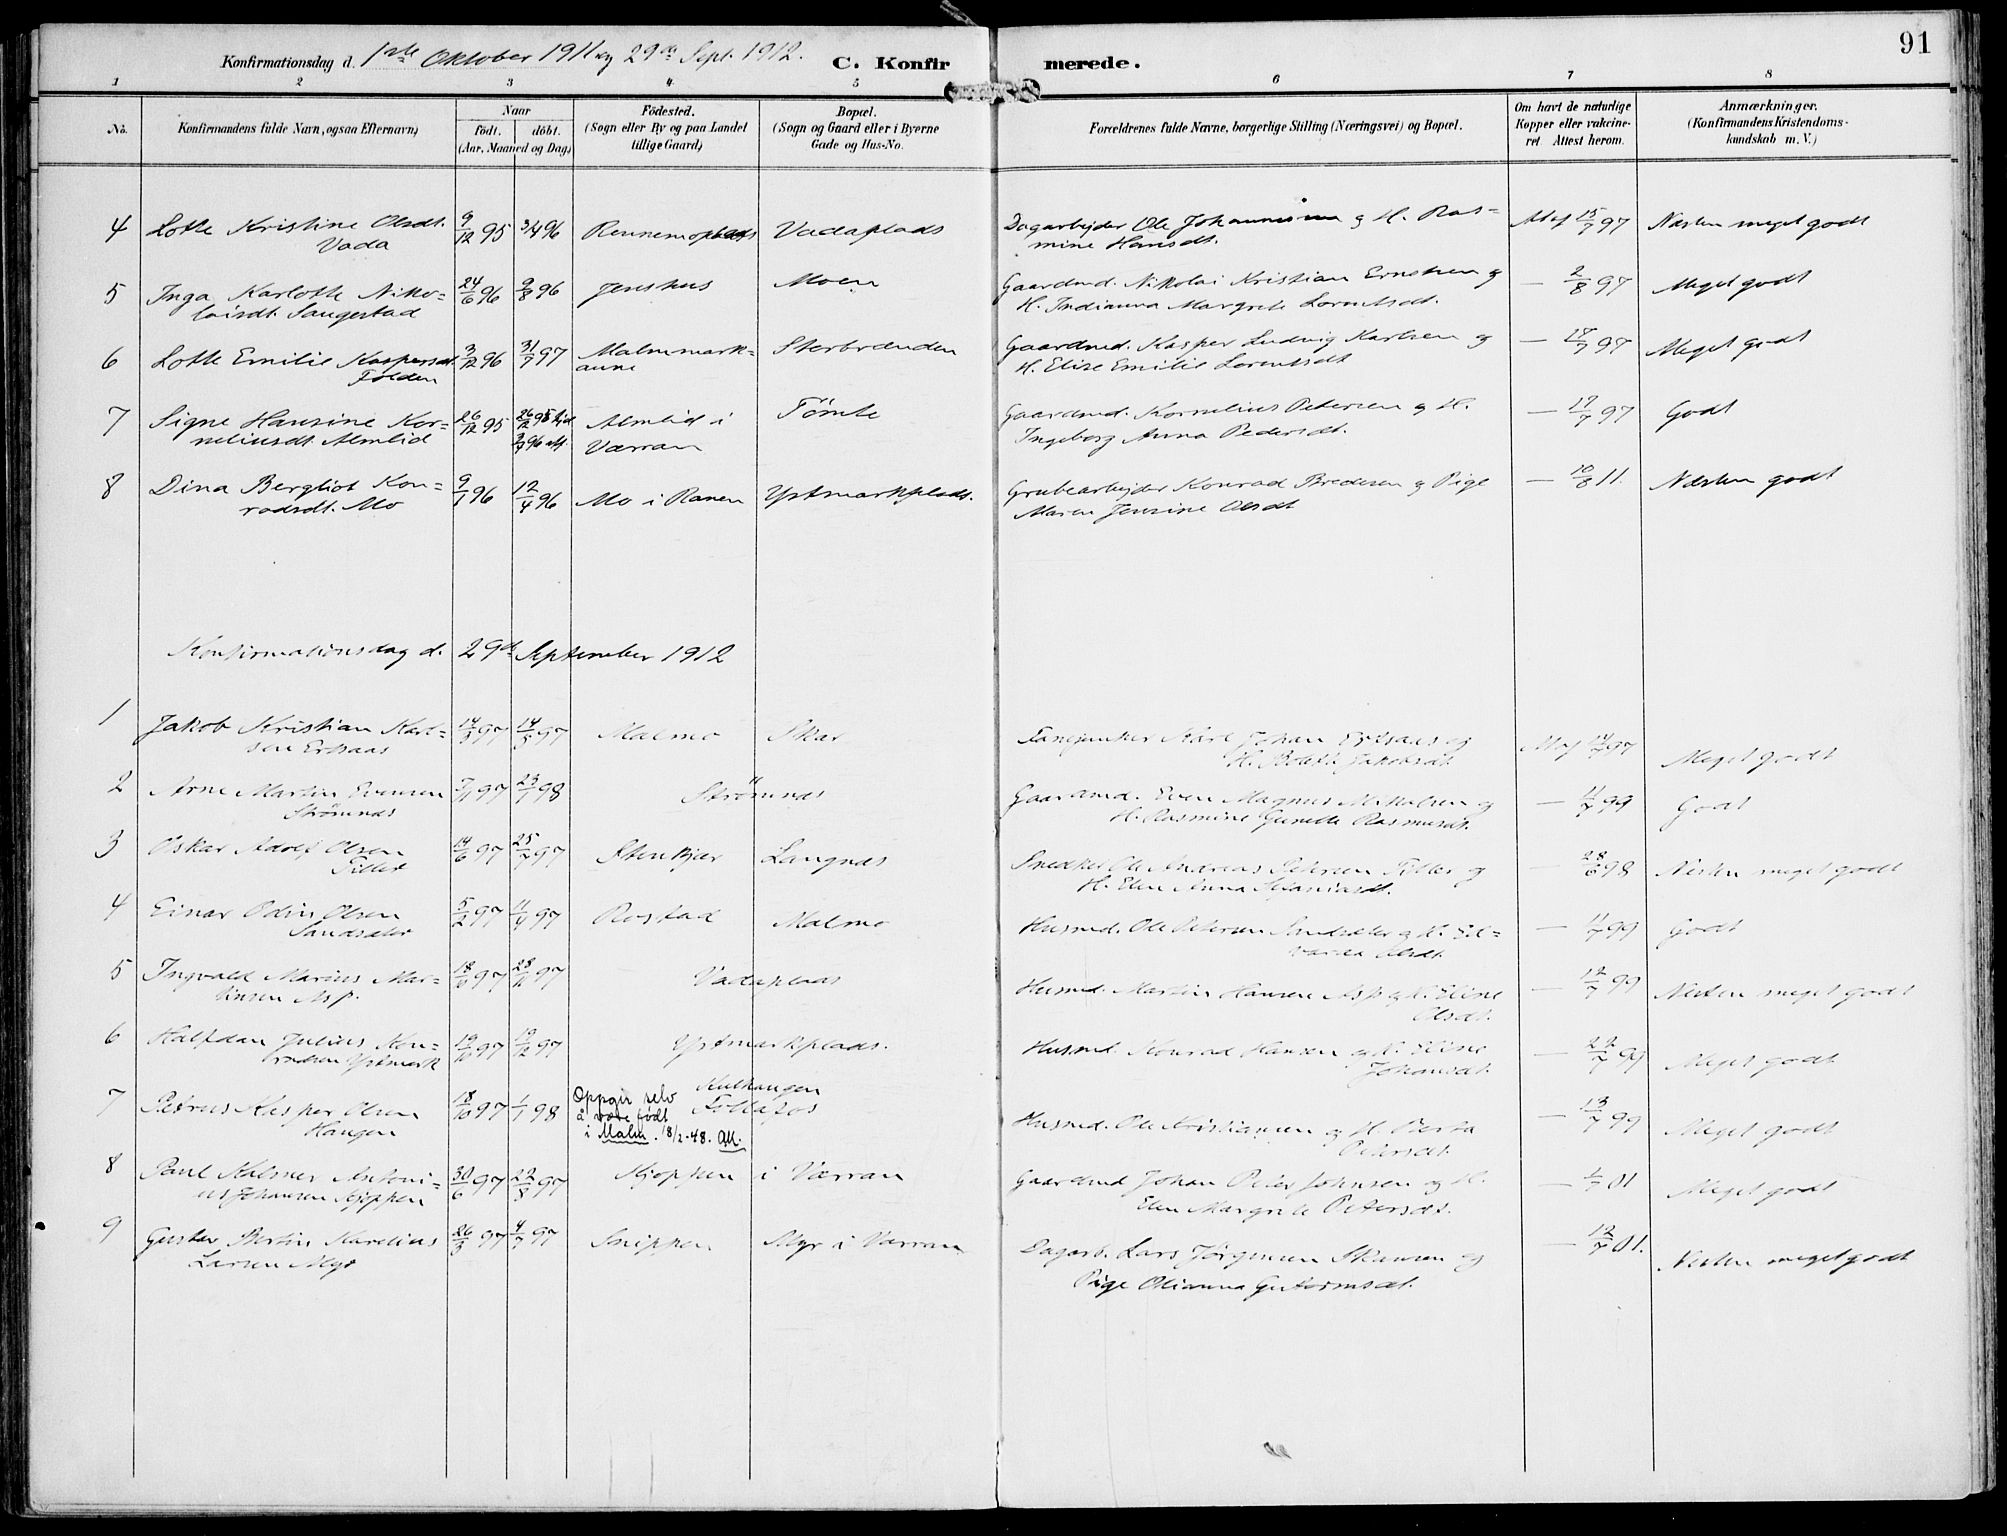 SAT, Ministerialprotokoller, klokkerbøker og fødselsregistre - Nord-Trøndelag, 745/L0430: Ministerialbok nr. 745A02, 1895-1913, s. 91